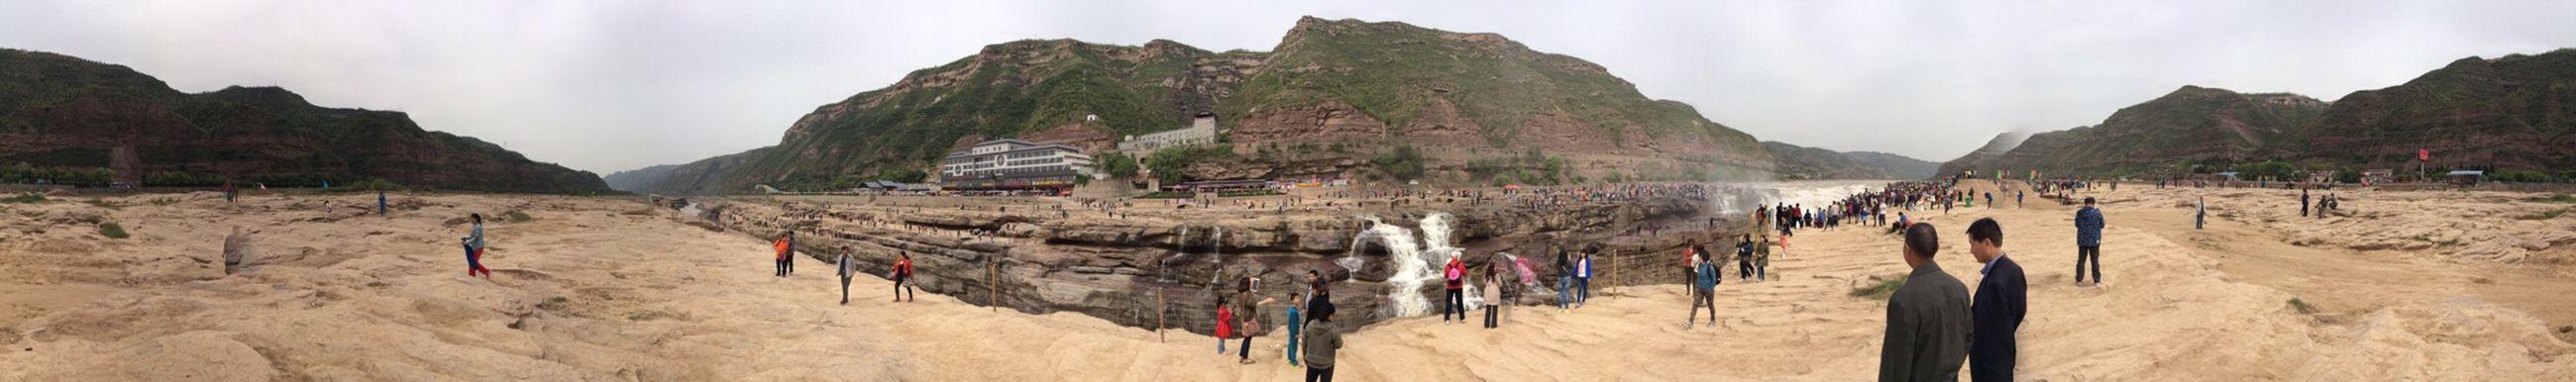 壶口瀑布 Hanging Out Traveling In China Shanxi